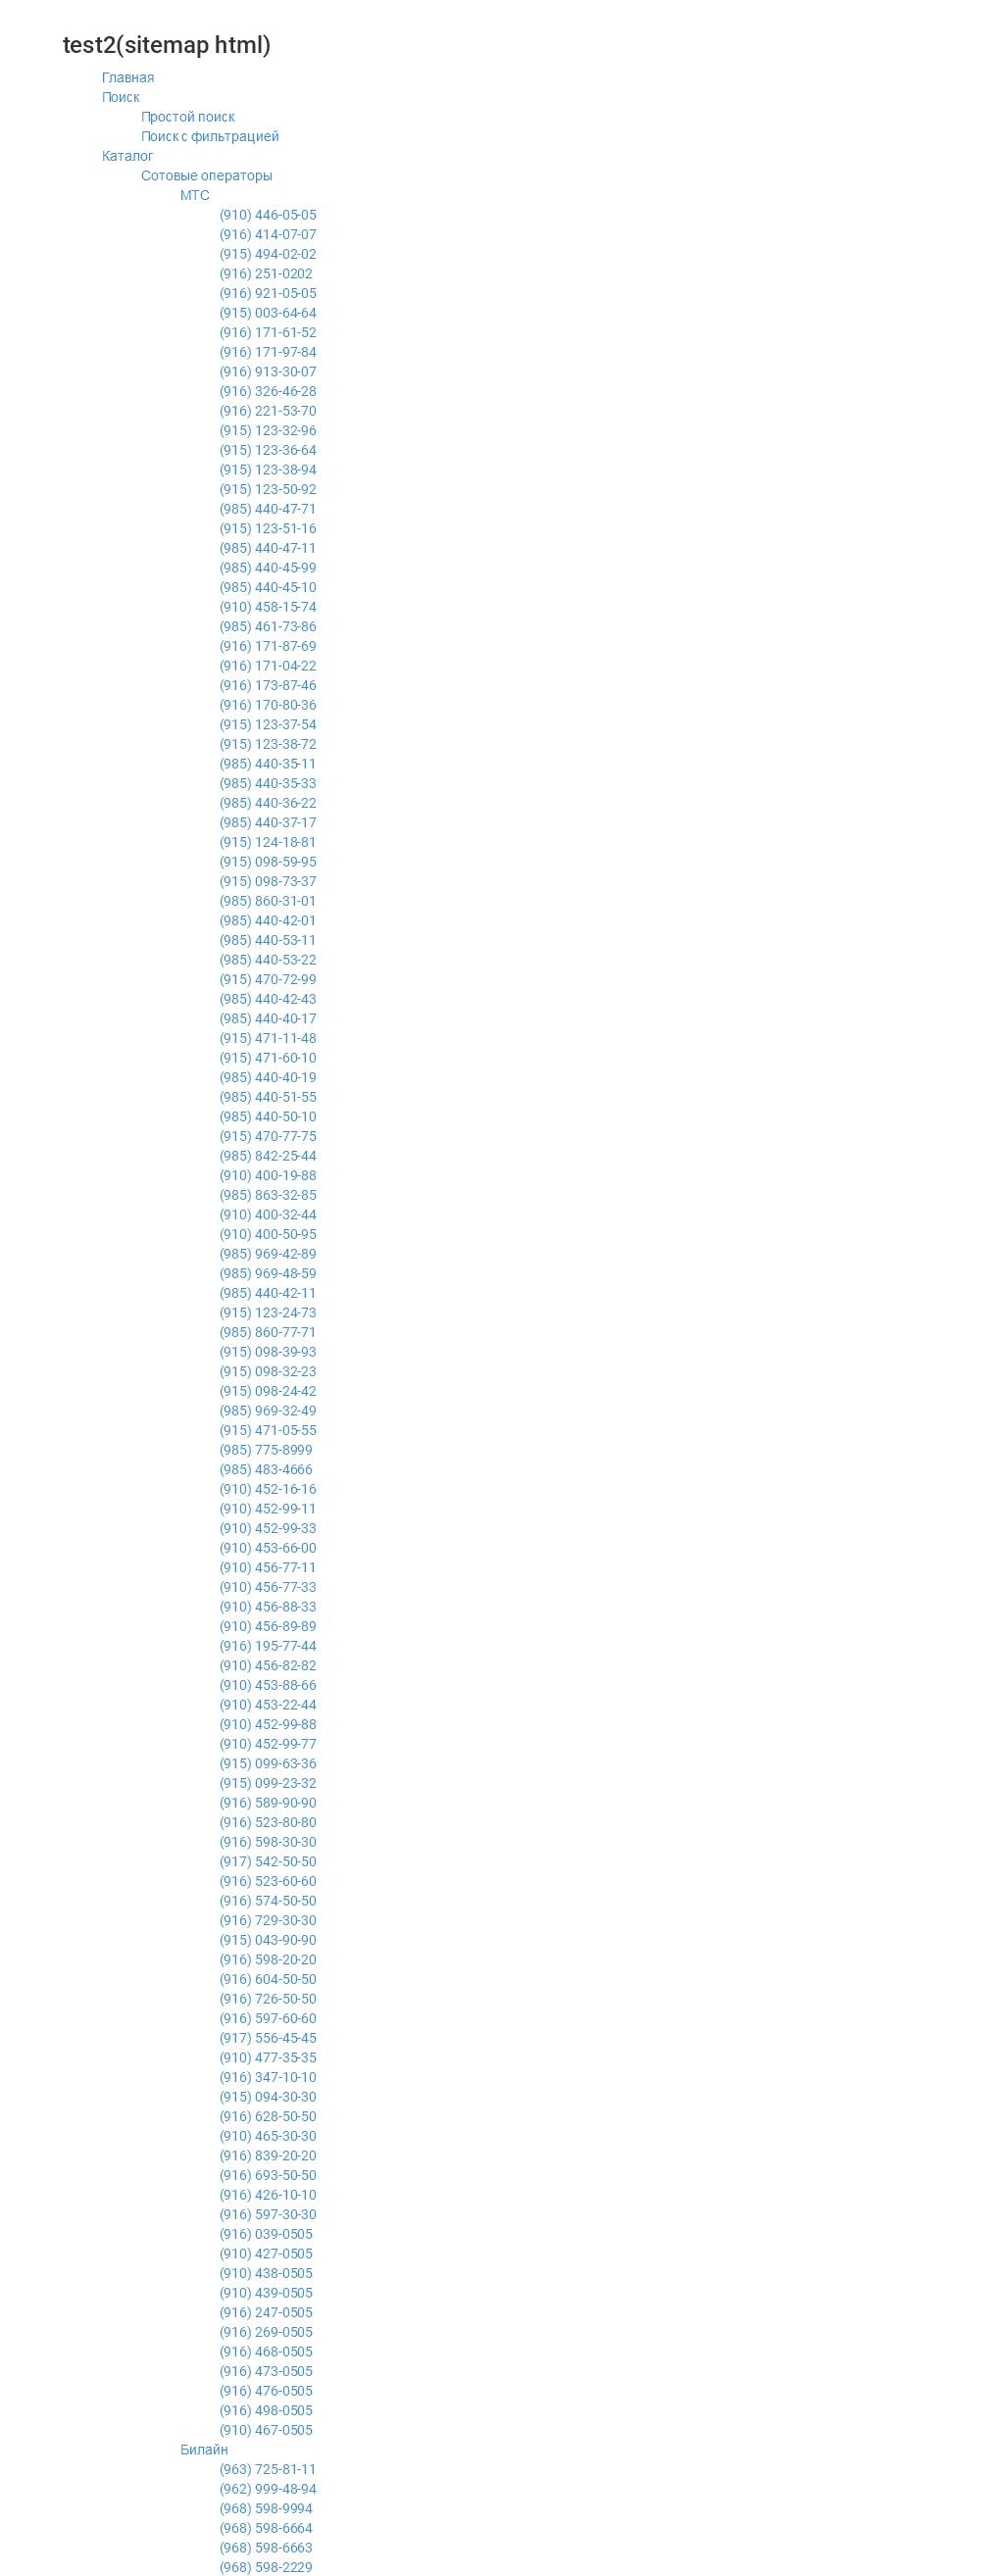 b6e4e6496d0f4559b165d7d56957f9c4.png